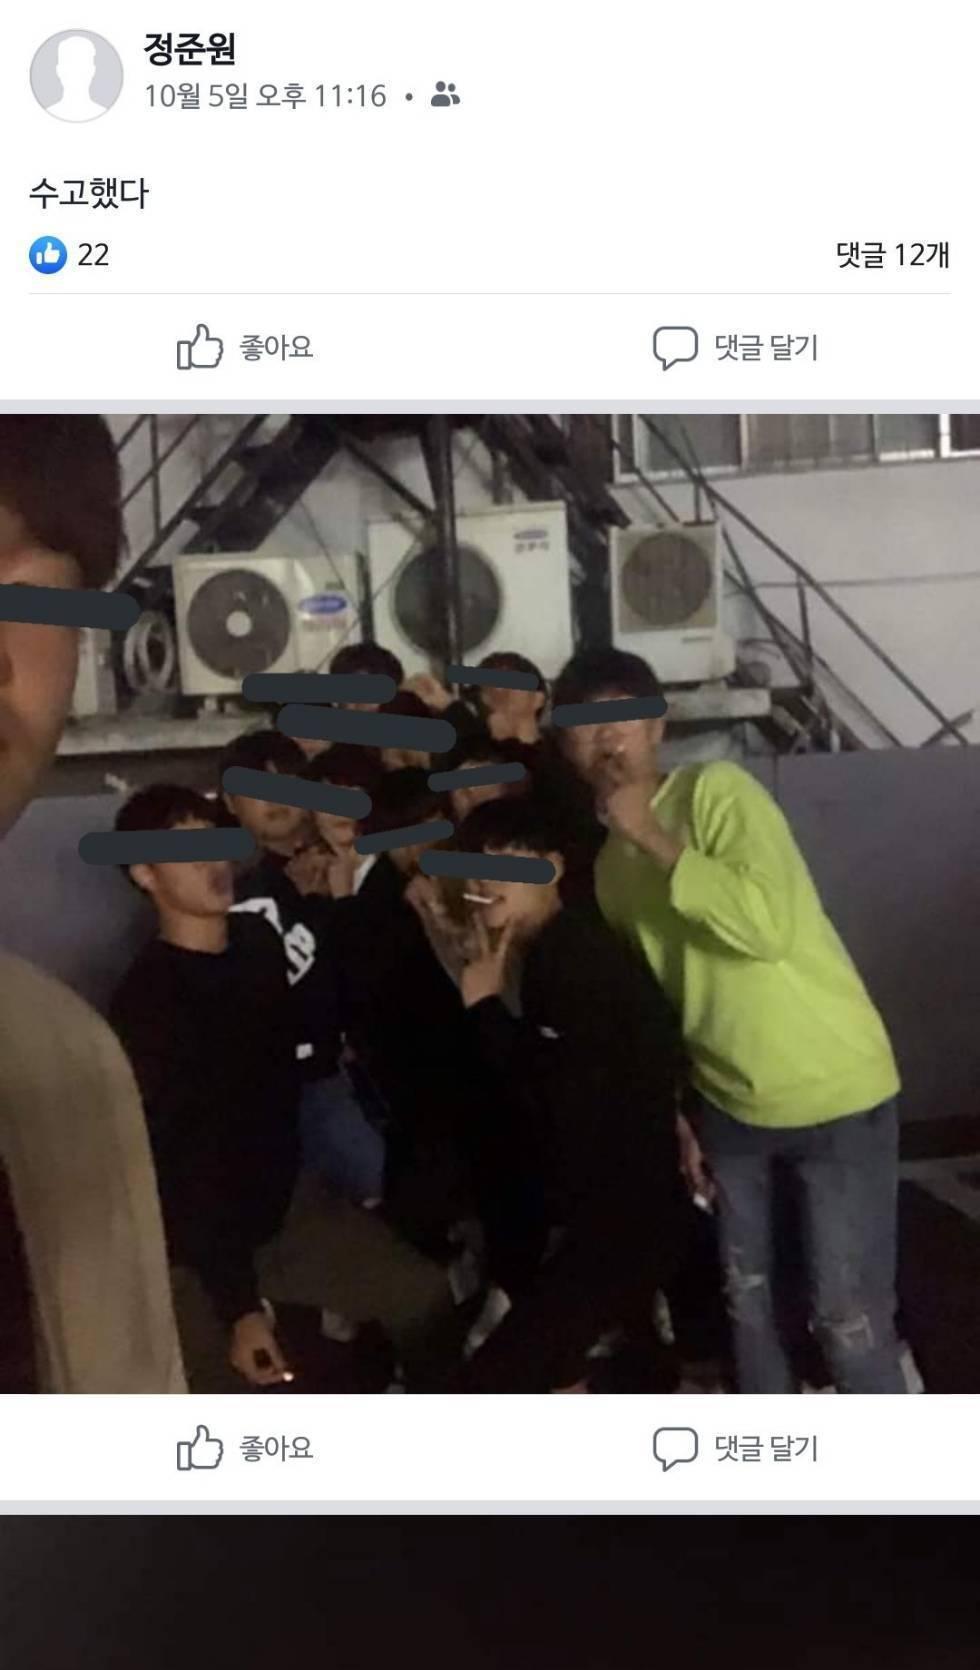 鄭俊元私人臉書上分享抽菸照。圖/摘自推特